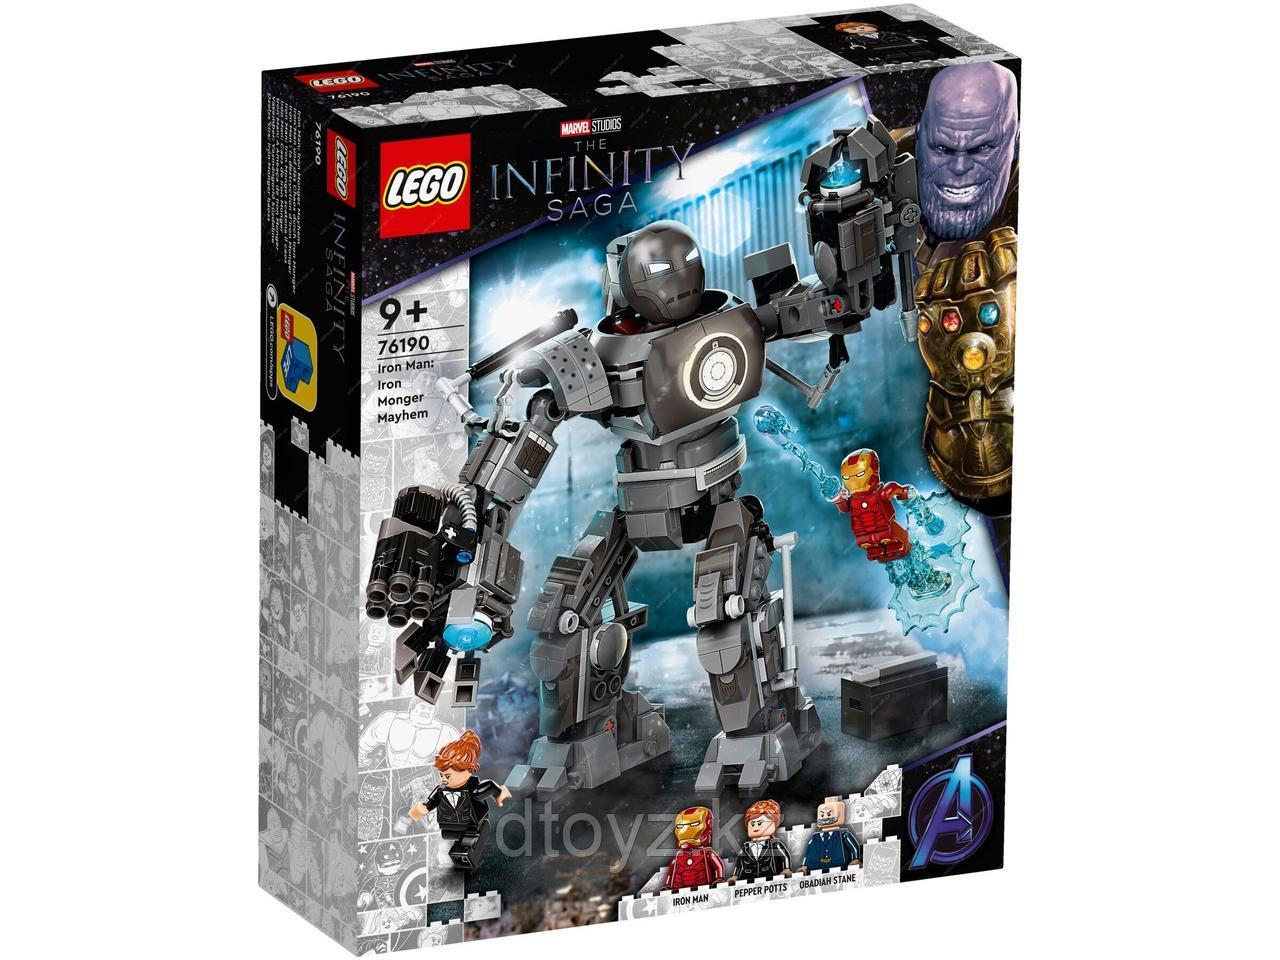 Lego Marvel Super Heroes Infinity Saga Железный человек: схватка с Железным Торговцем 76190